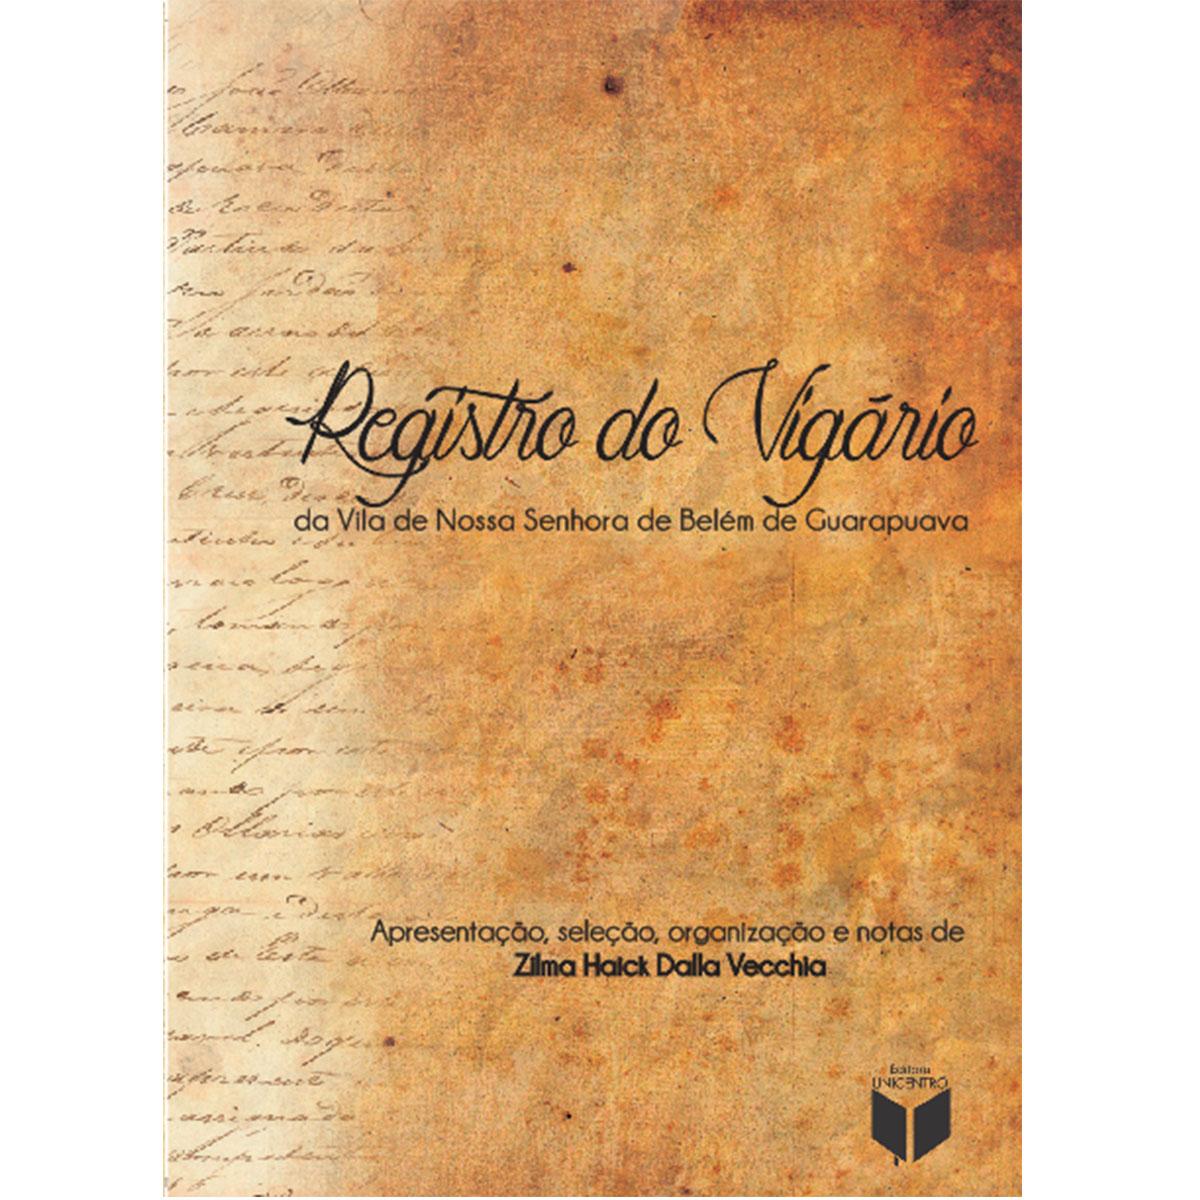 Registro do vigário: da Vila de Nossa senhora de Belém de Guarapuava, livro de Zilma Haick Dalla Vecchia